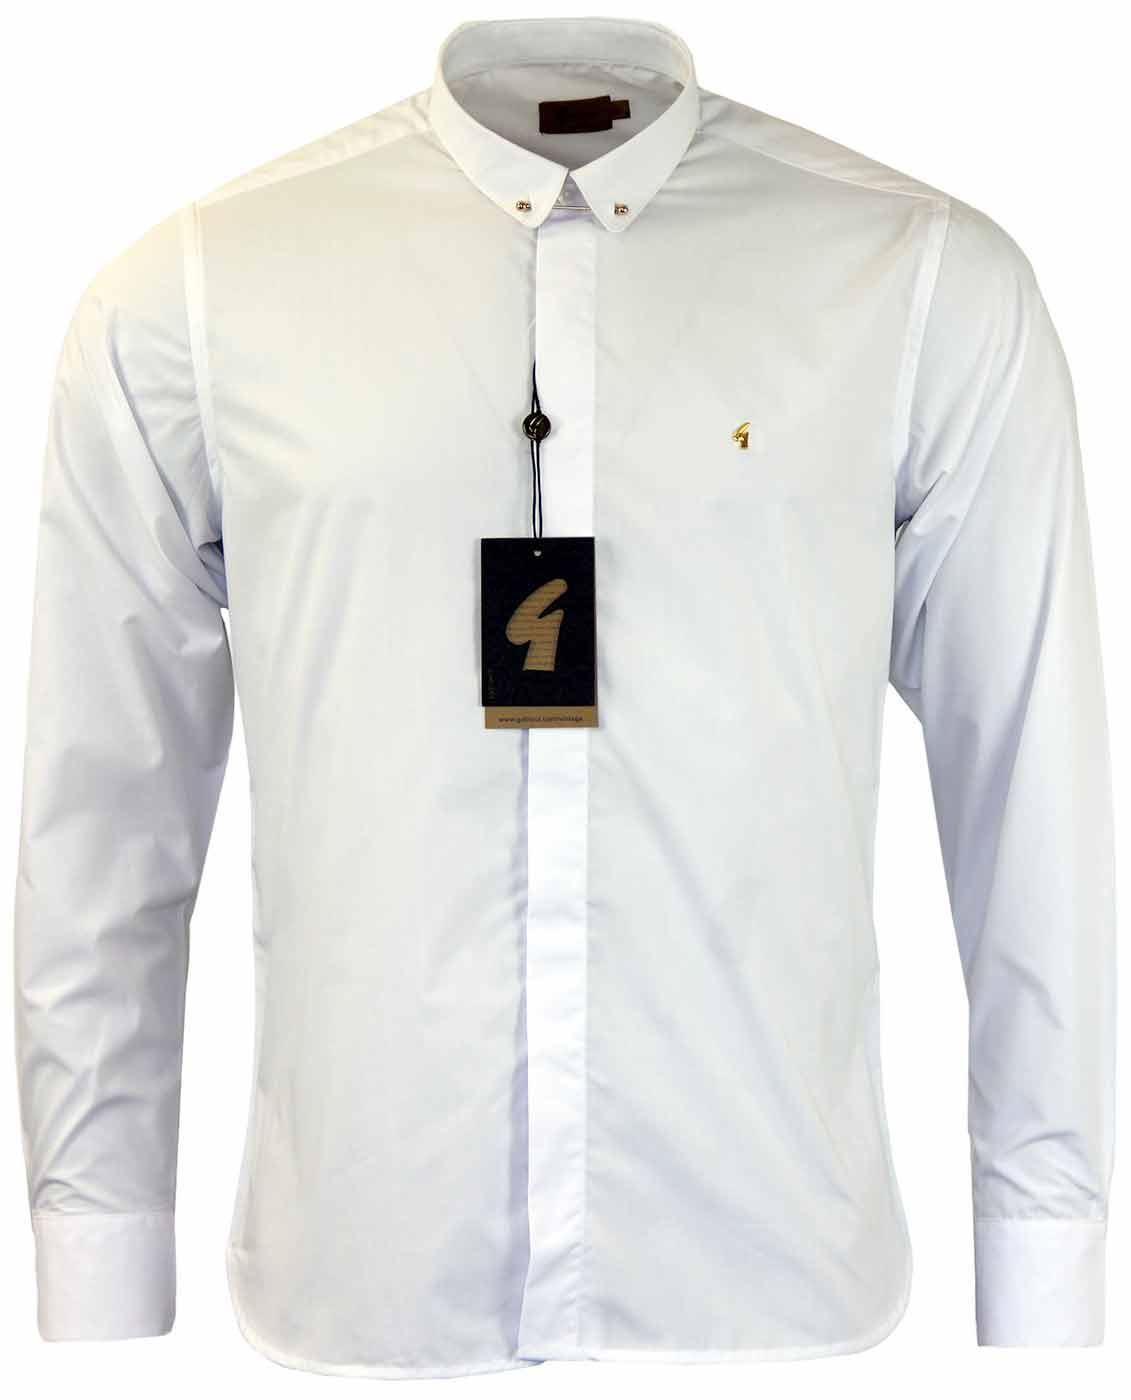 Gabicci Vintage Wyman Retro 60s Mod Bar Collar Shirt In White